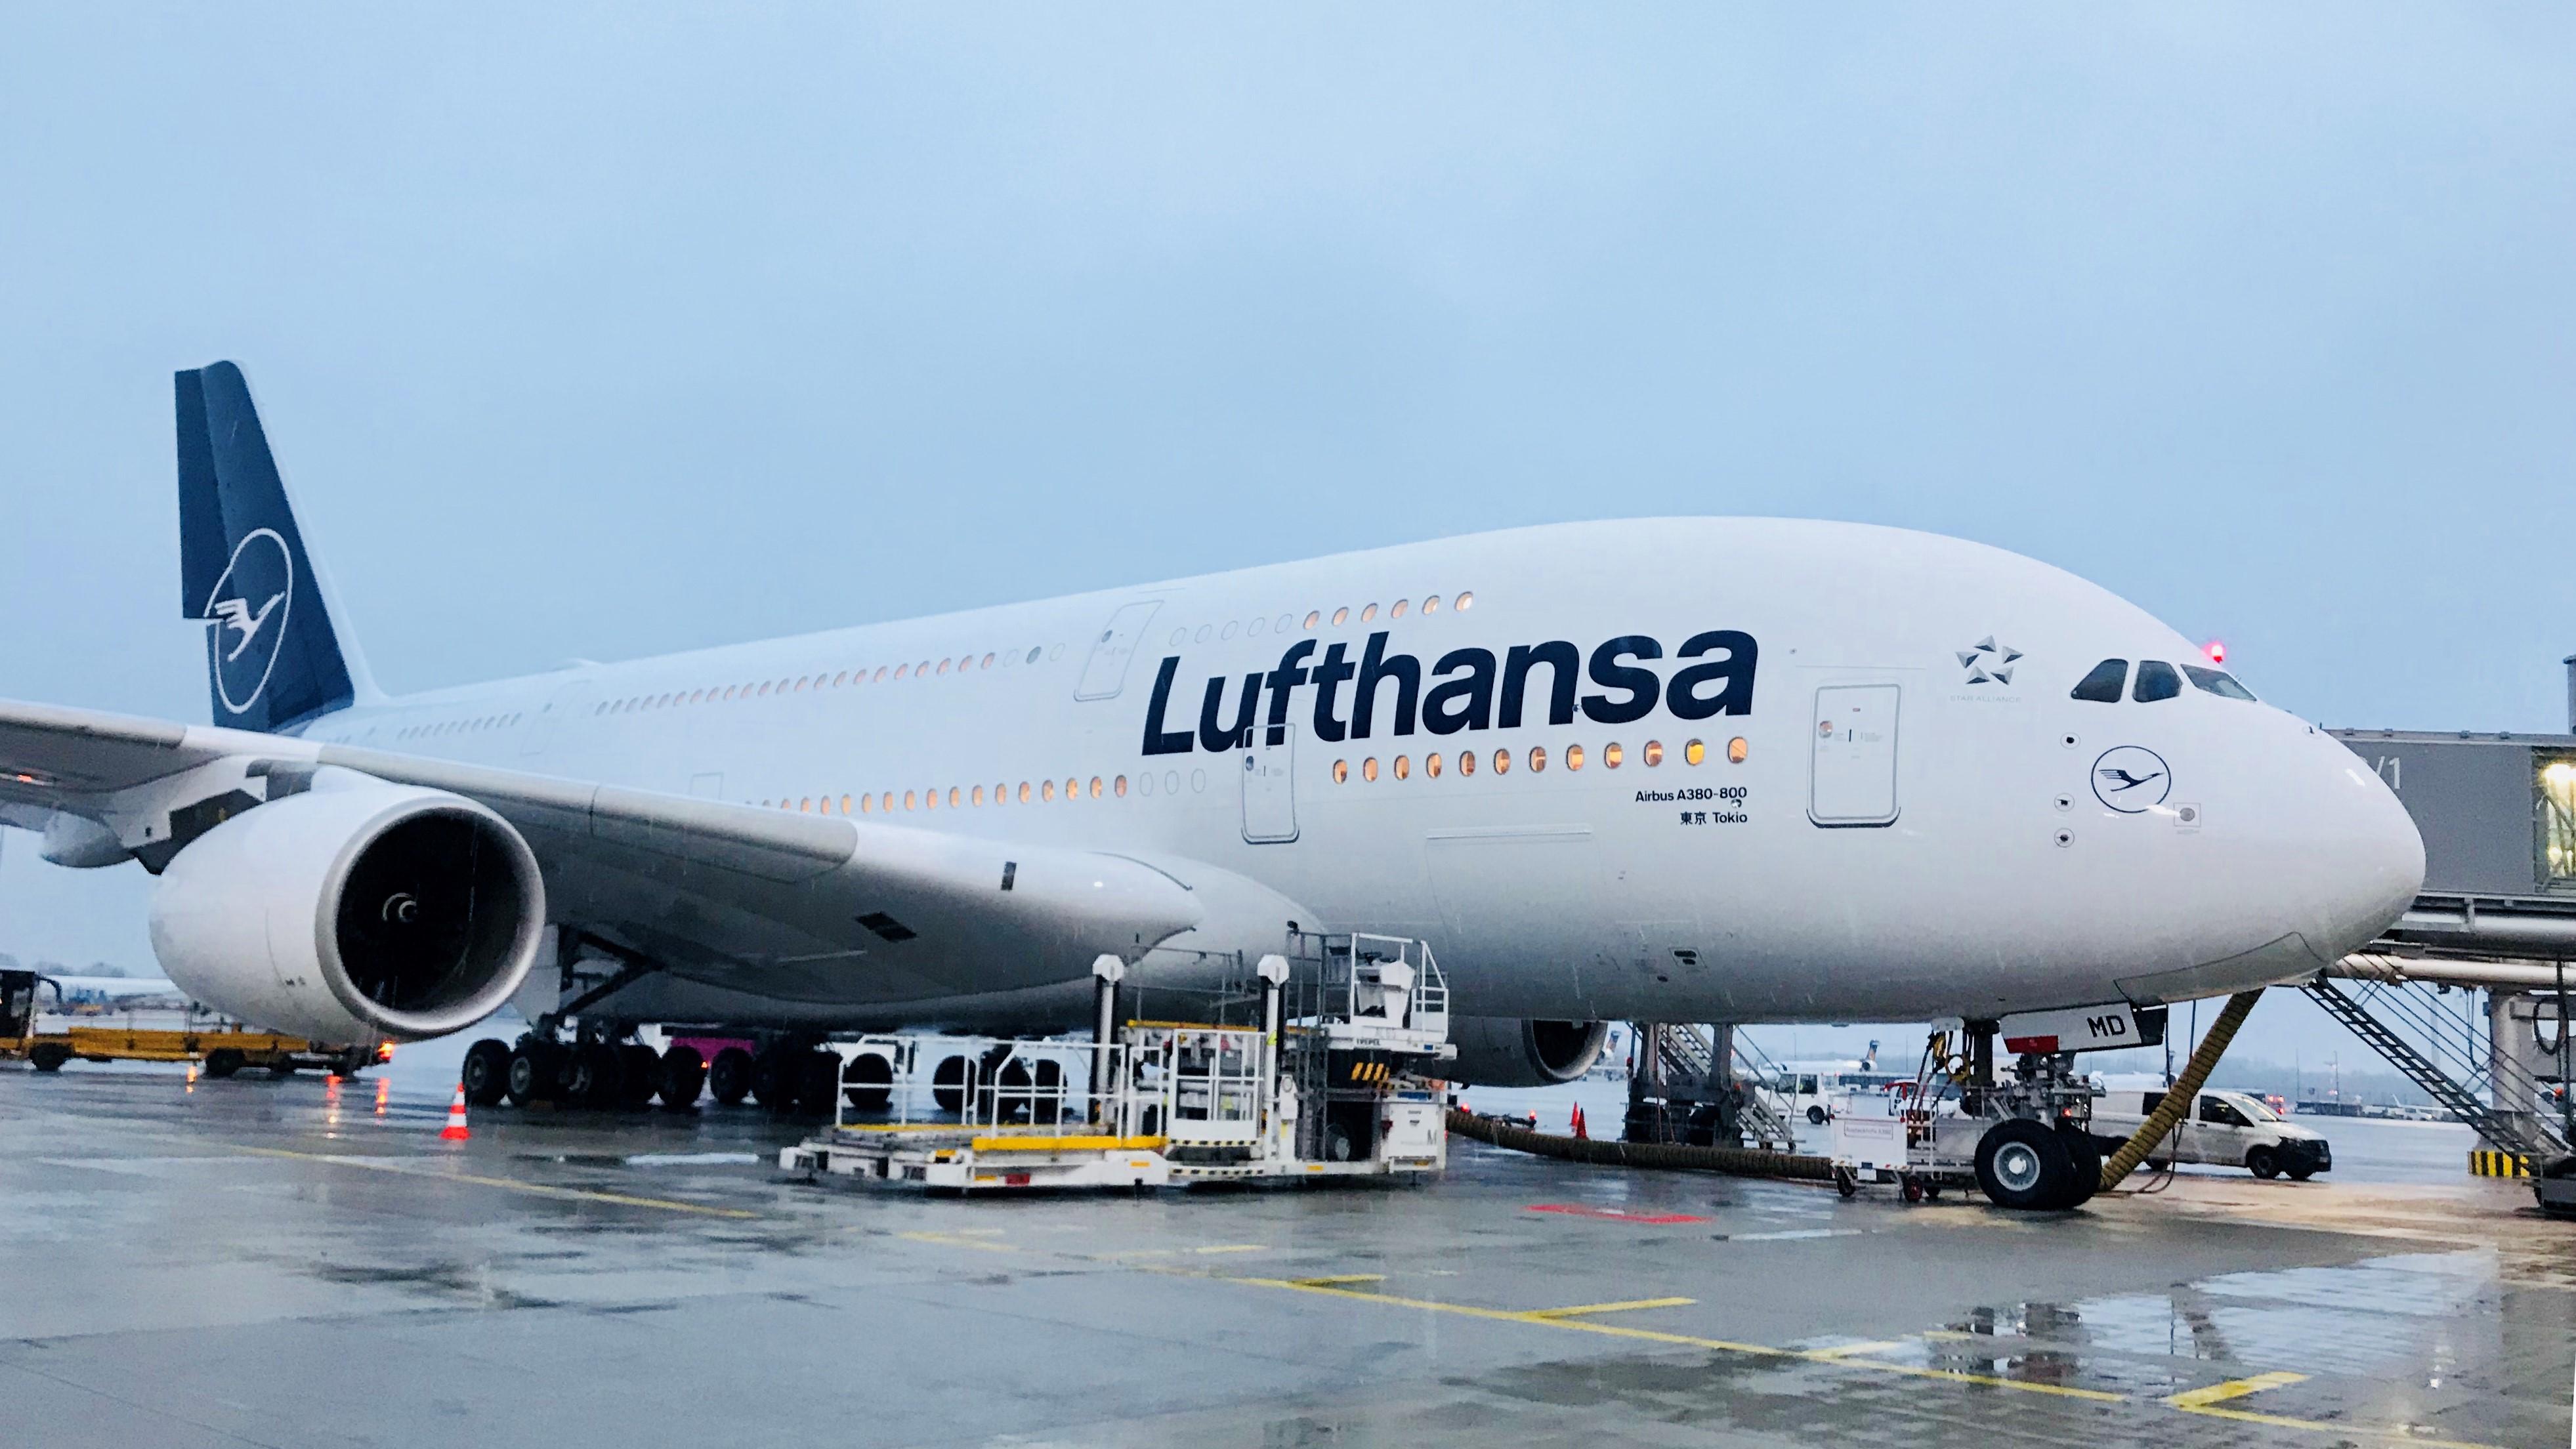 Den første Airbus A380 i den nye Lufthansa-bemaling. Foto: Lufthansa.